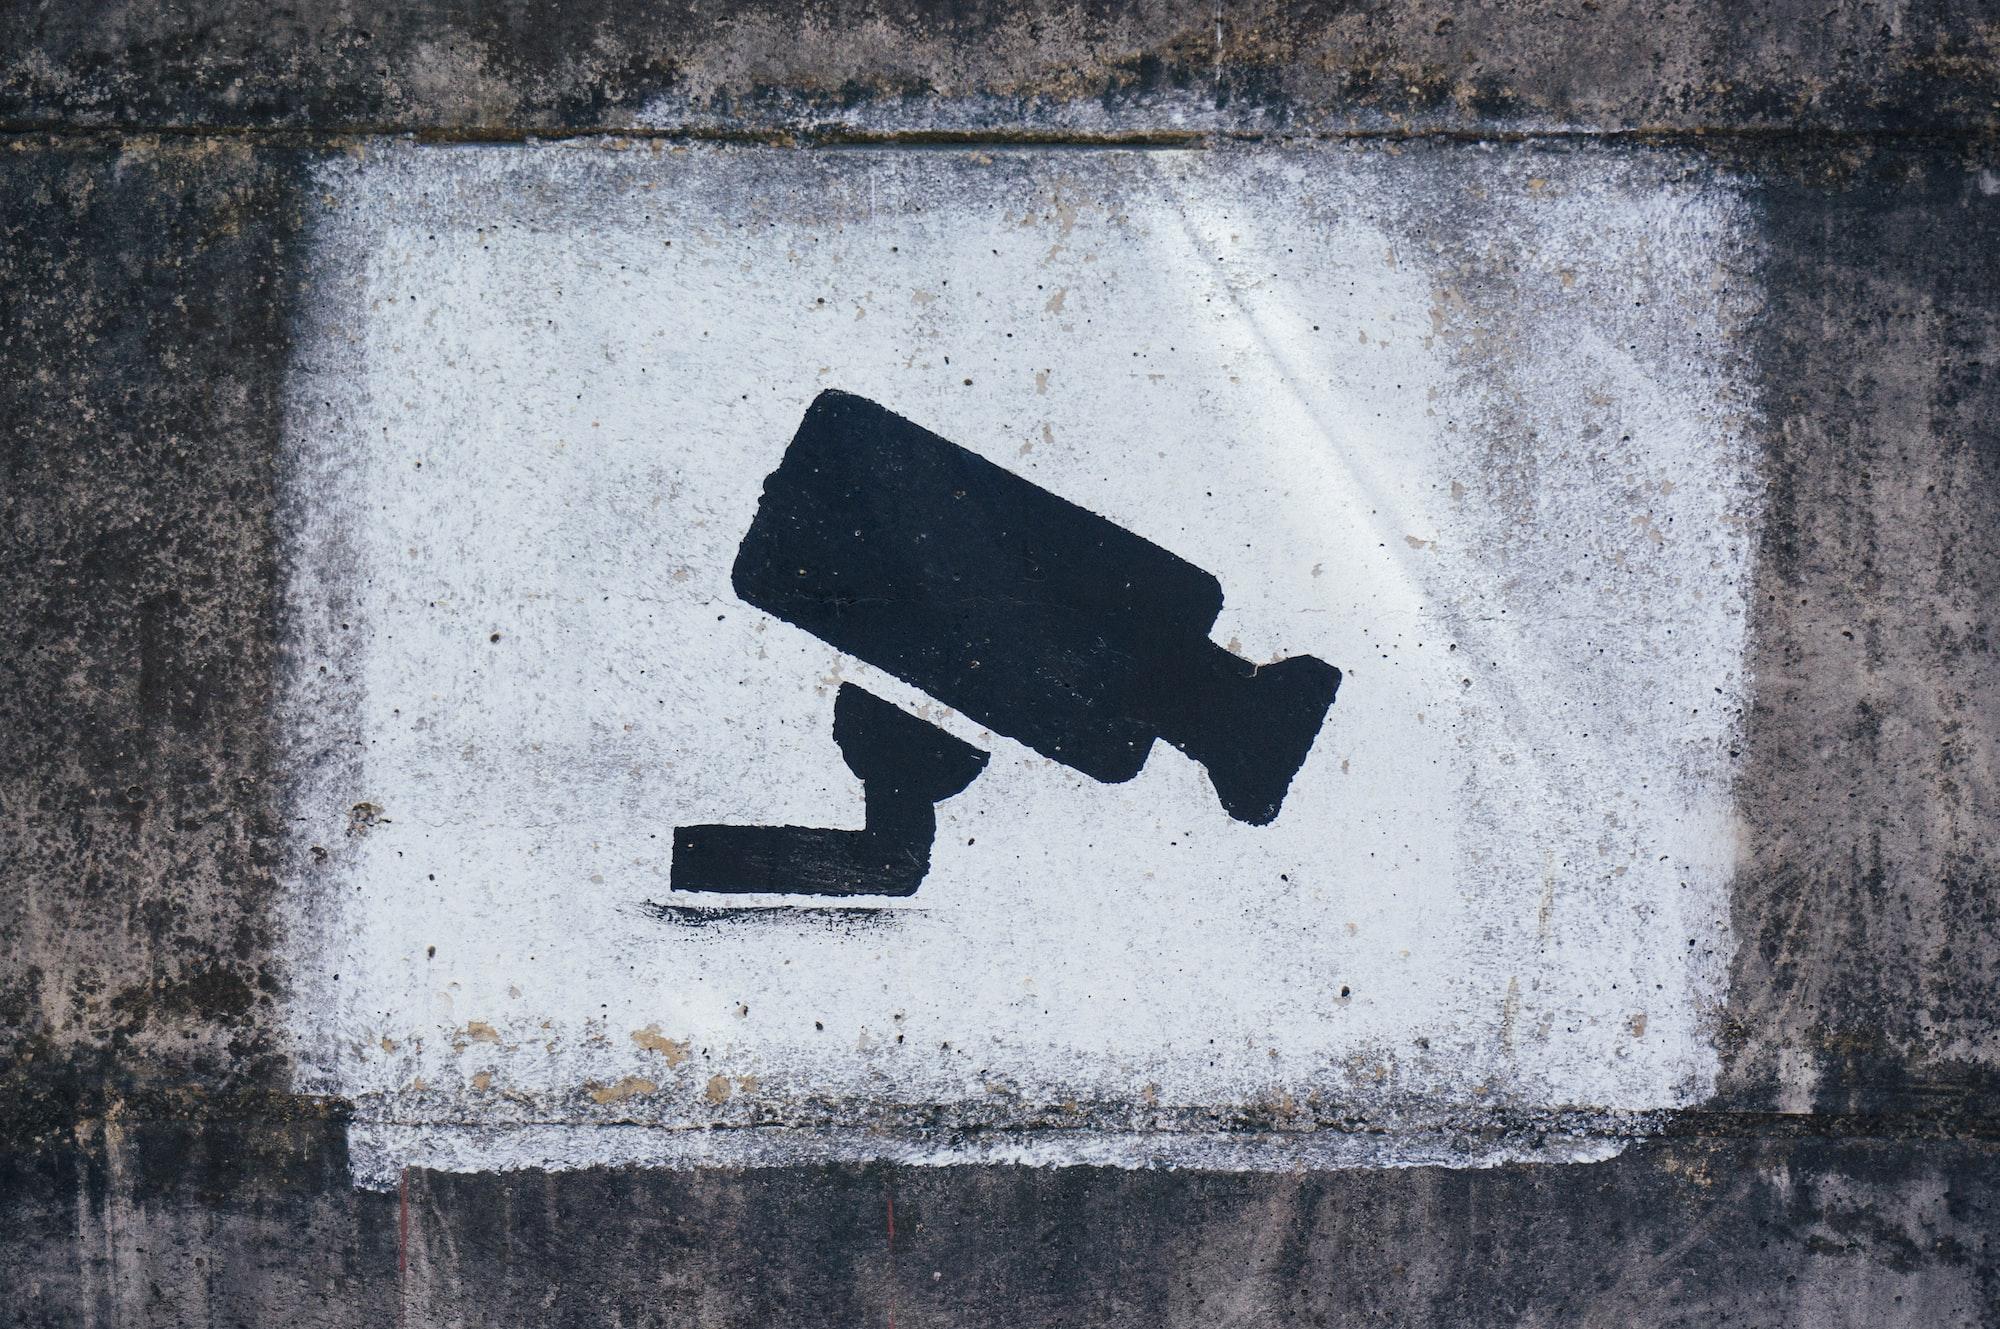 Datenschutz gegen Infektionsschutz - Warum die Diskussion überflüssig ist